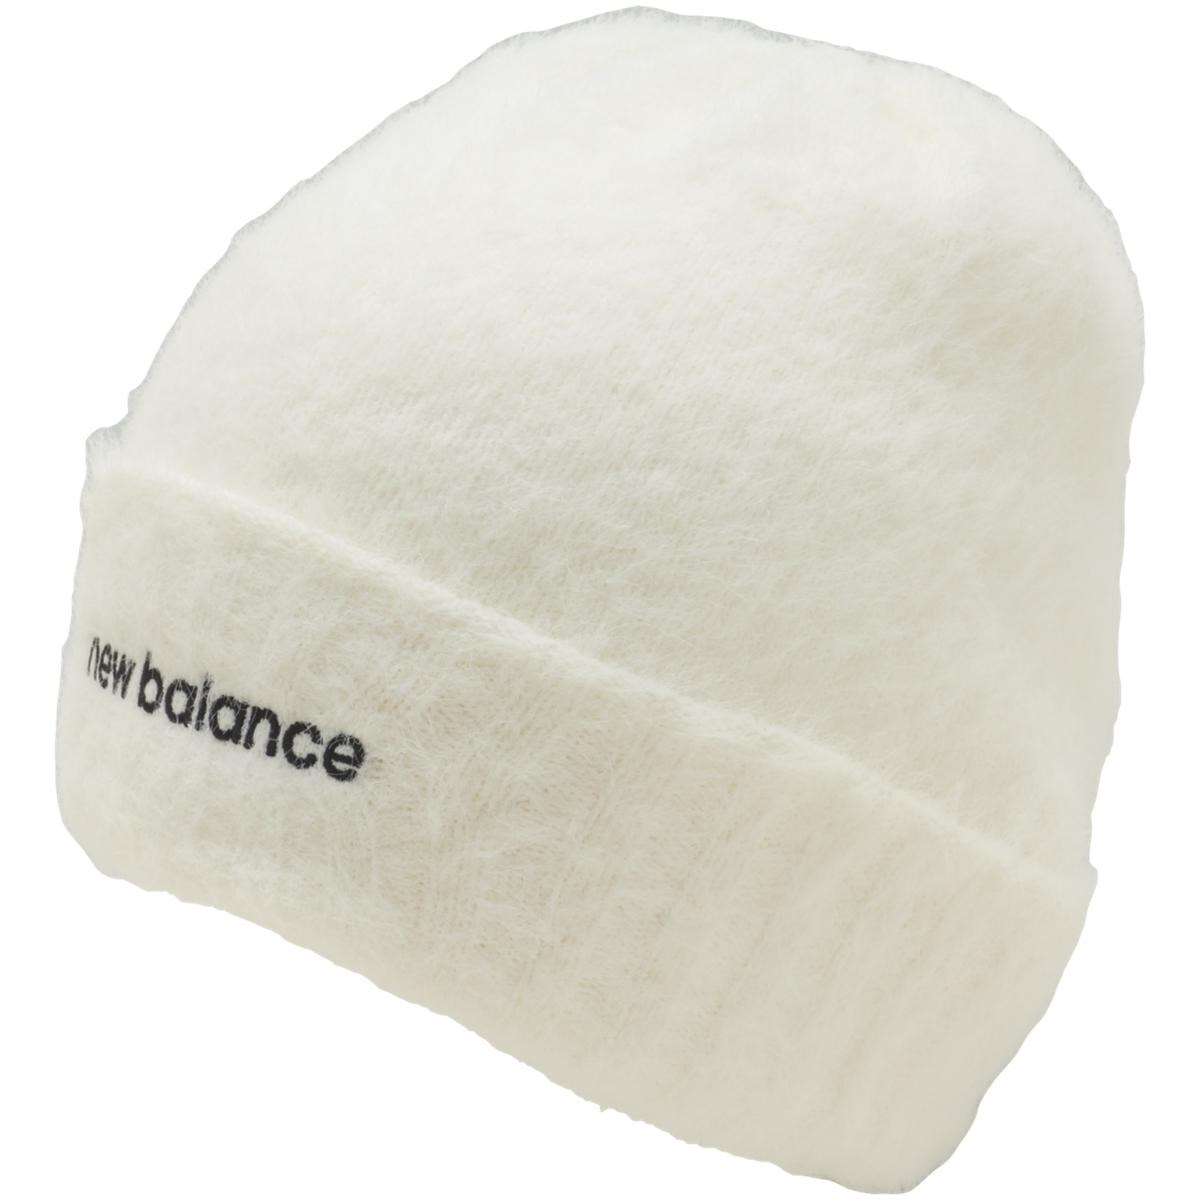 ニューバランス New Balance SPORT ビーニー フリー ホワイト 030 レディス